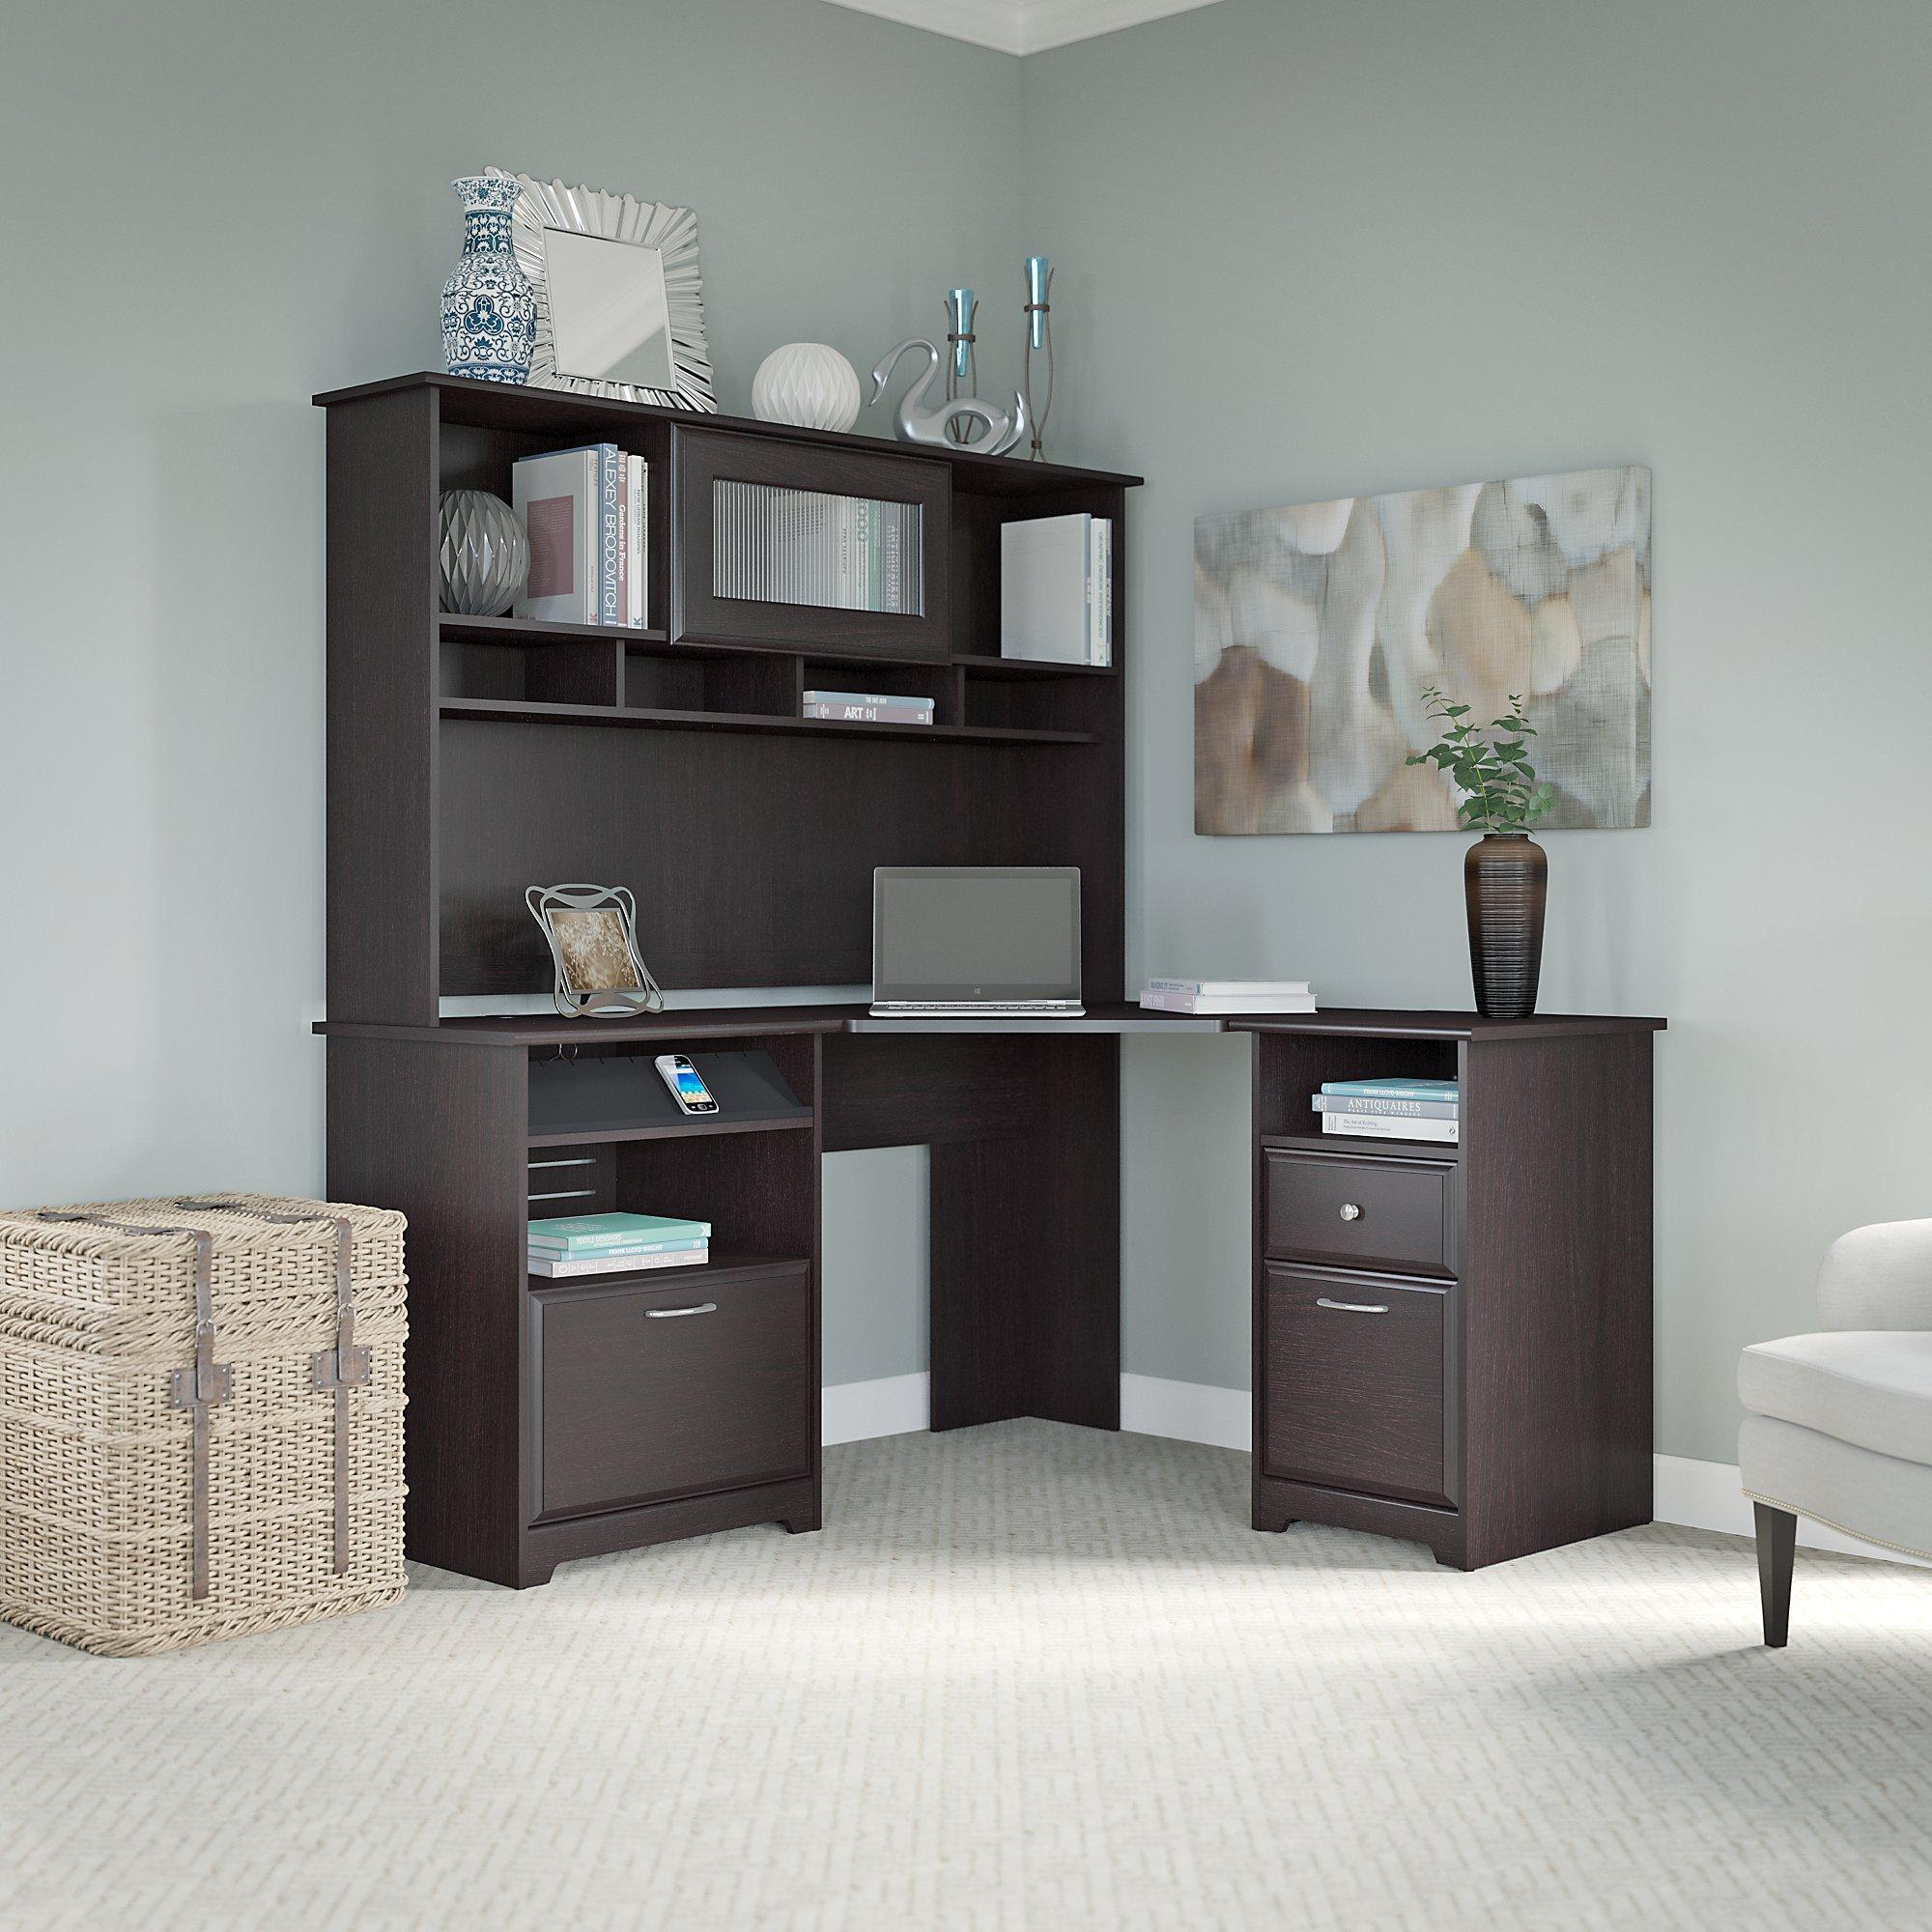 Cabot corner desk hutch and 2 drawer file - Corner desks for home ...